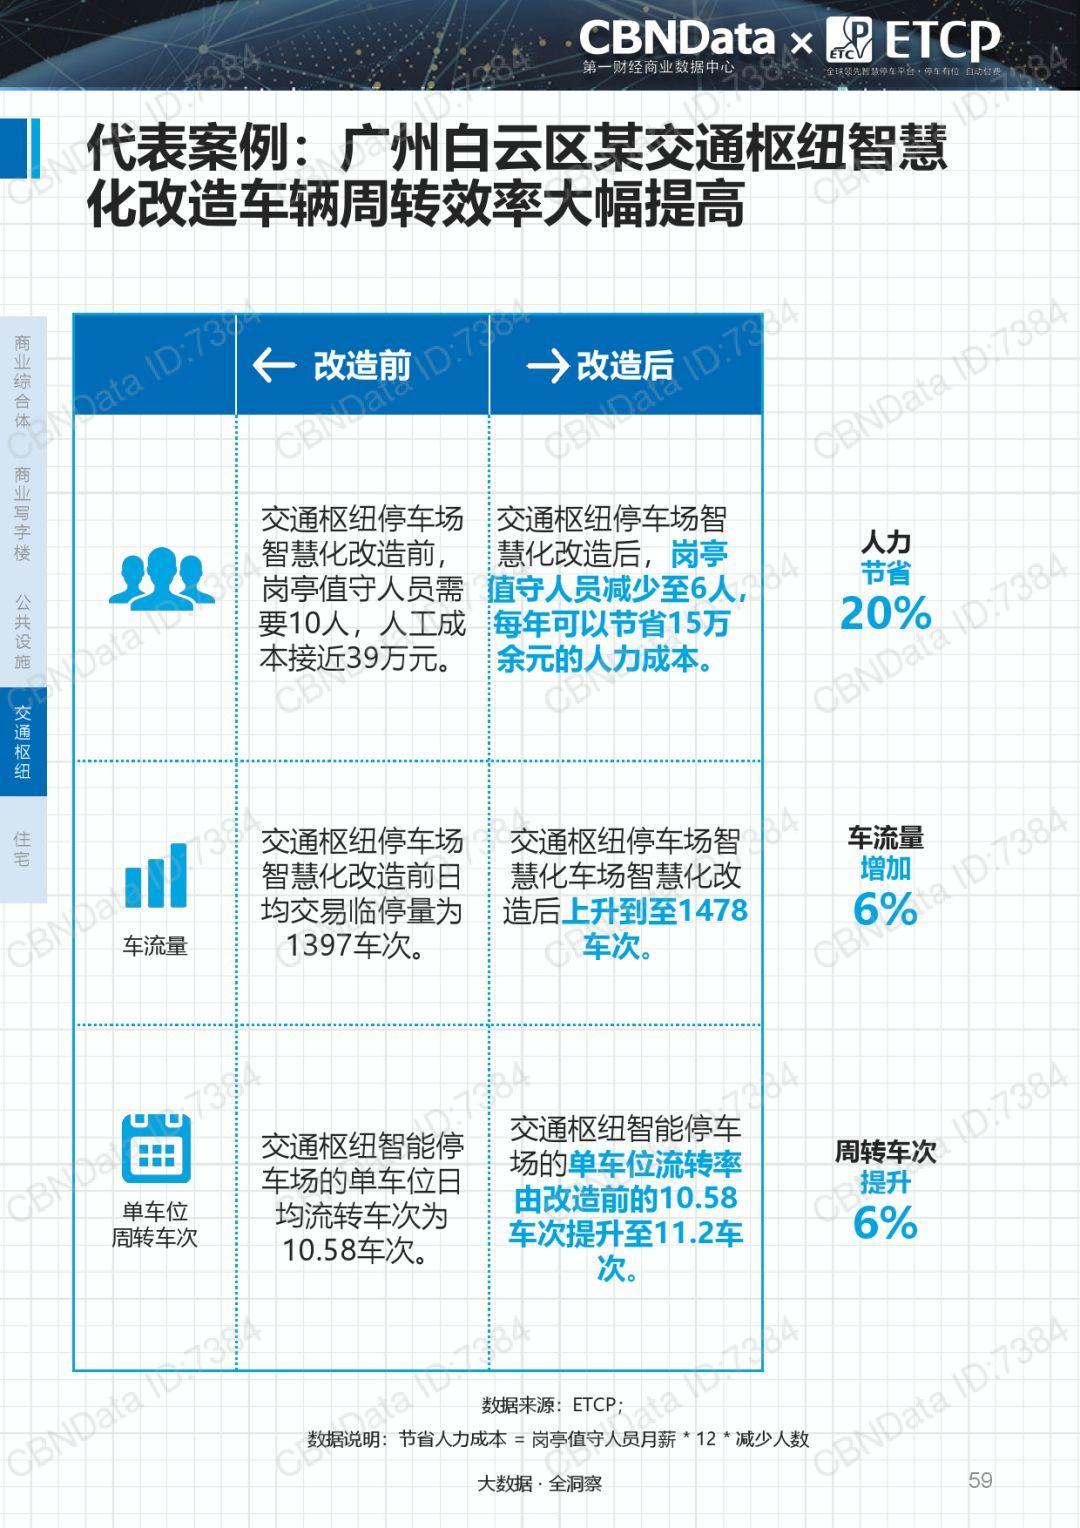 业大数据报告 PPT全文